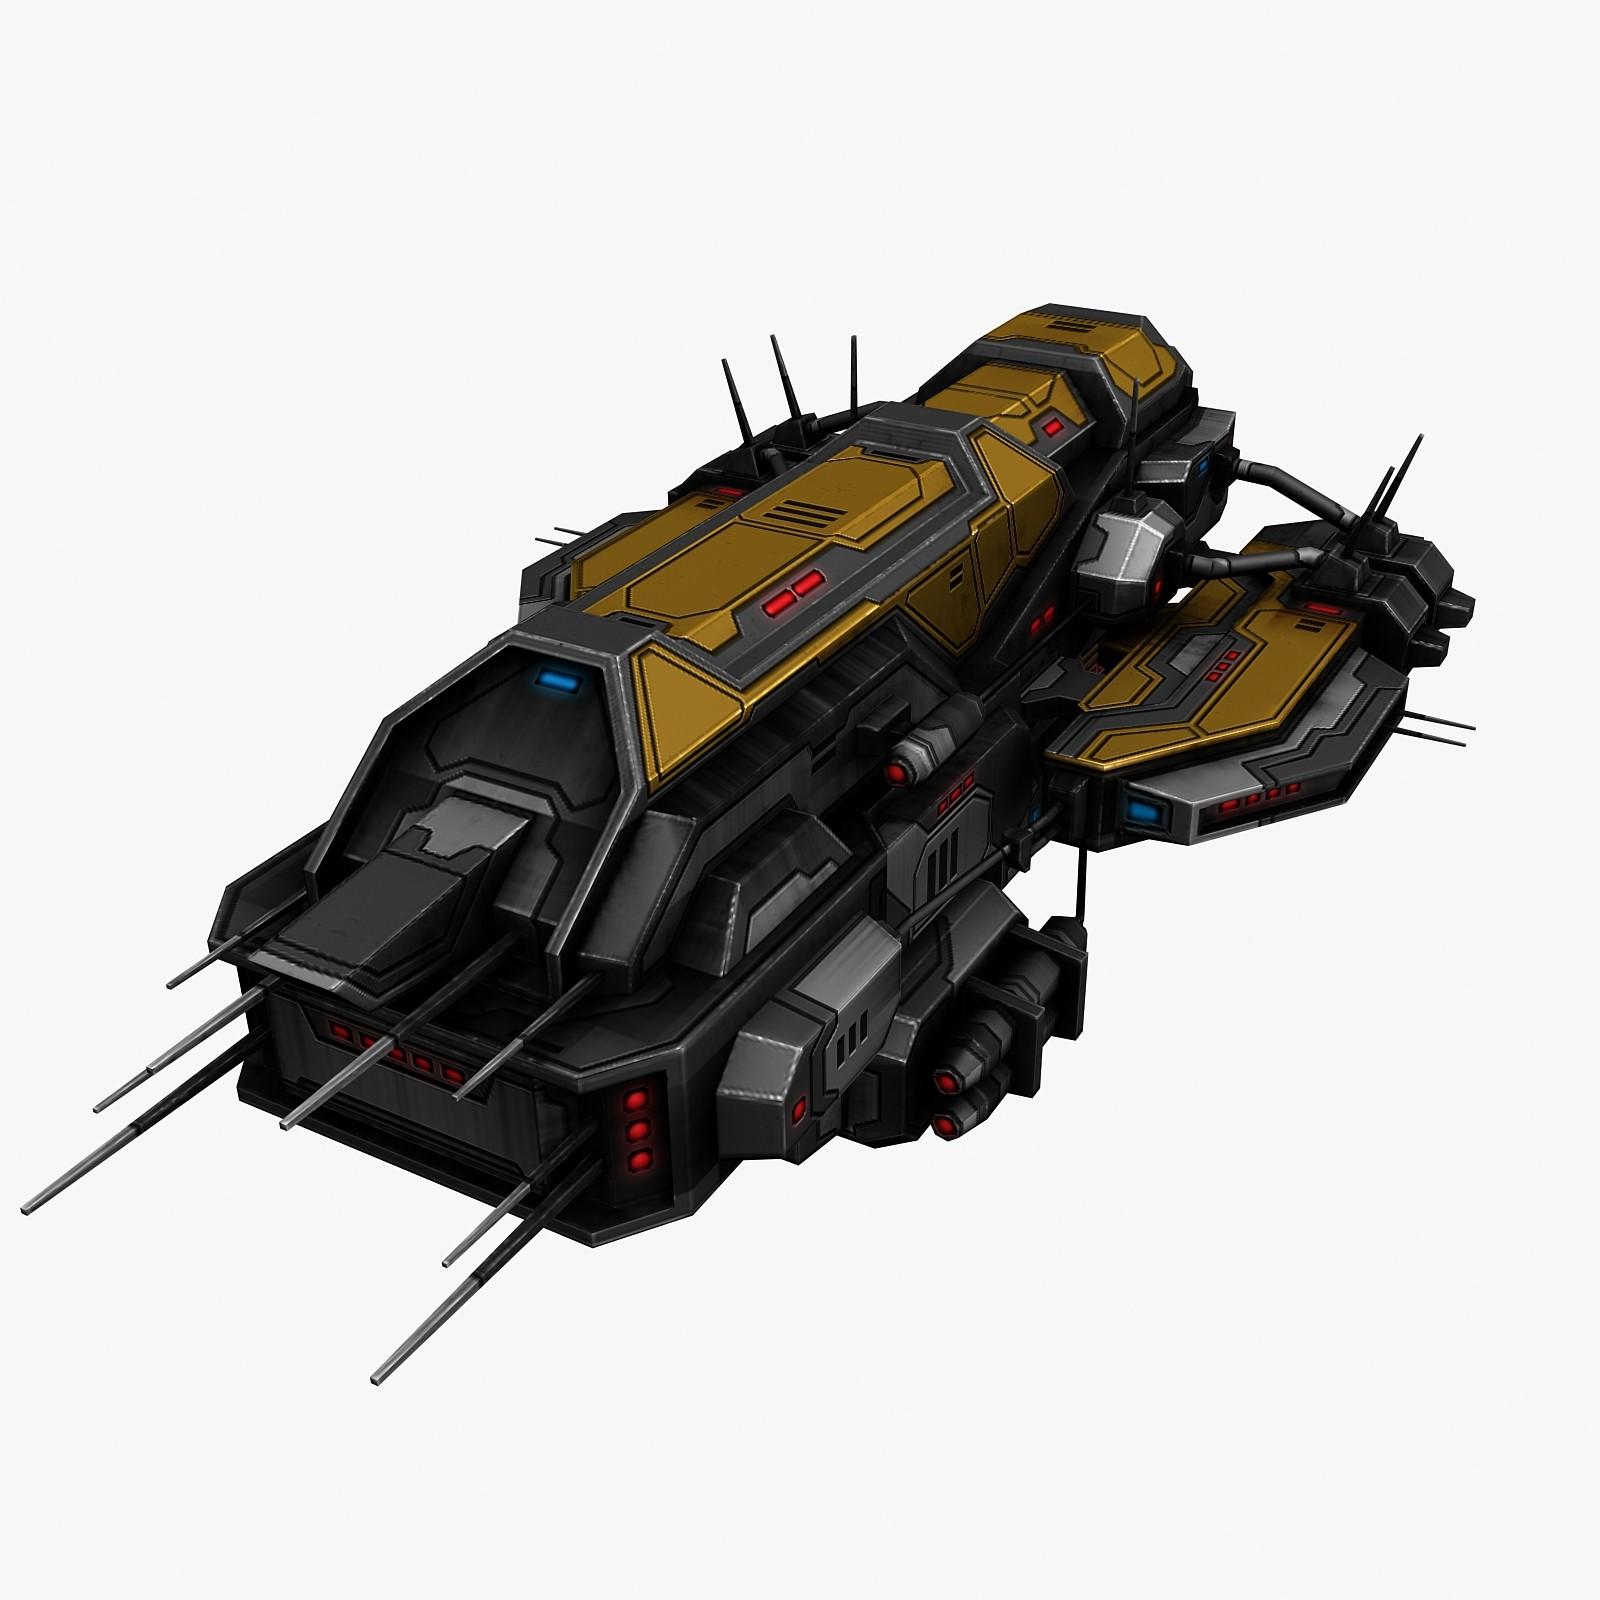 civilian_spaceship_1_preview_0.jpg